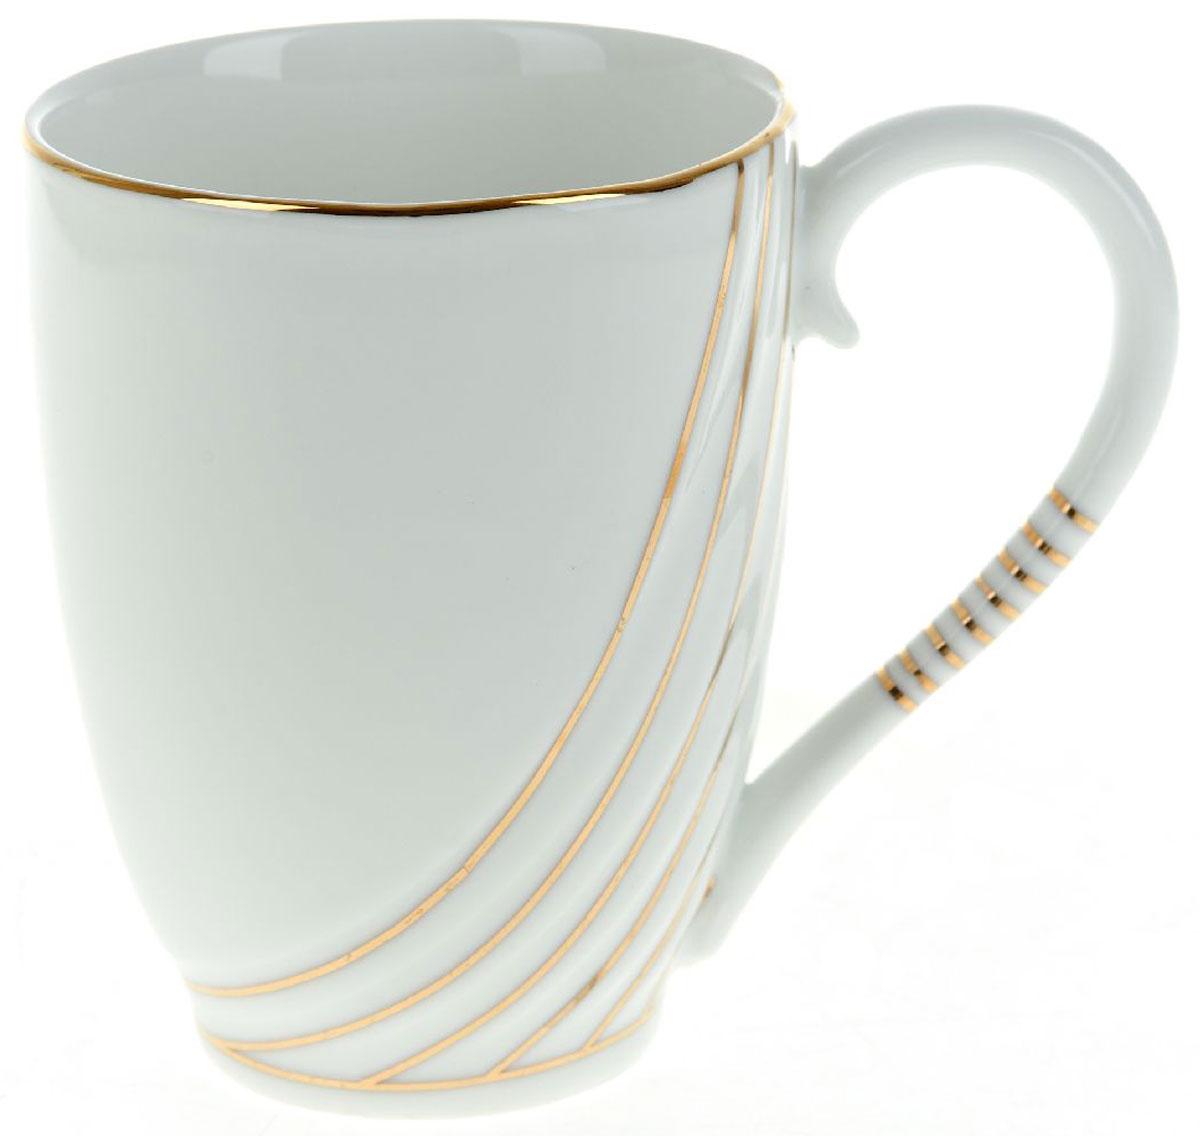 Кружка BHP Грация, 320 мл391602Оригинальная кружка Best Home Porcelain, выполненная из высококачественного фарфора, сочетает в себе простой, утонченный дизайн с максимальной функциональностью. Оригинальность оформления придется по вкусу тем, кто ценит индивидуальность.Можно использовать в посудомоечной машине.